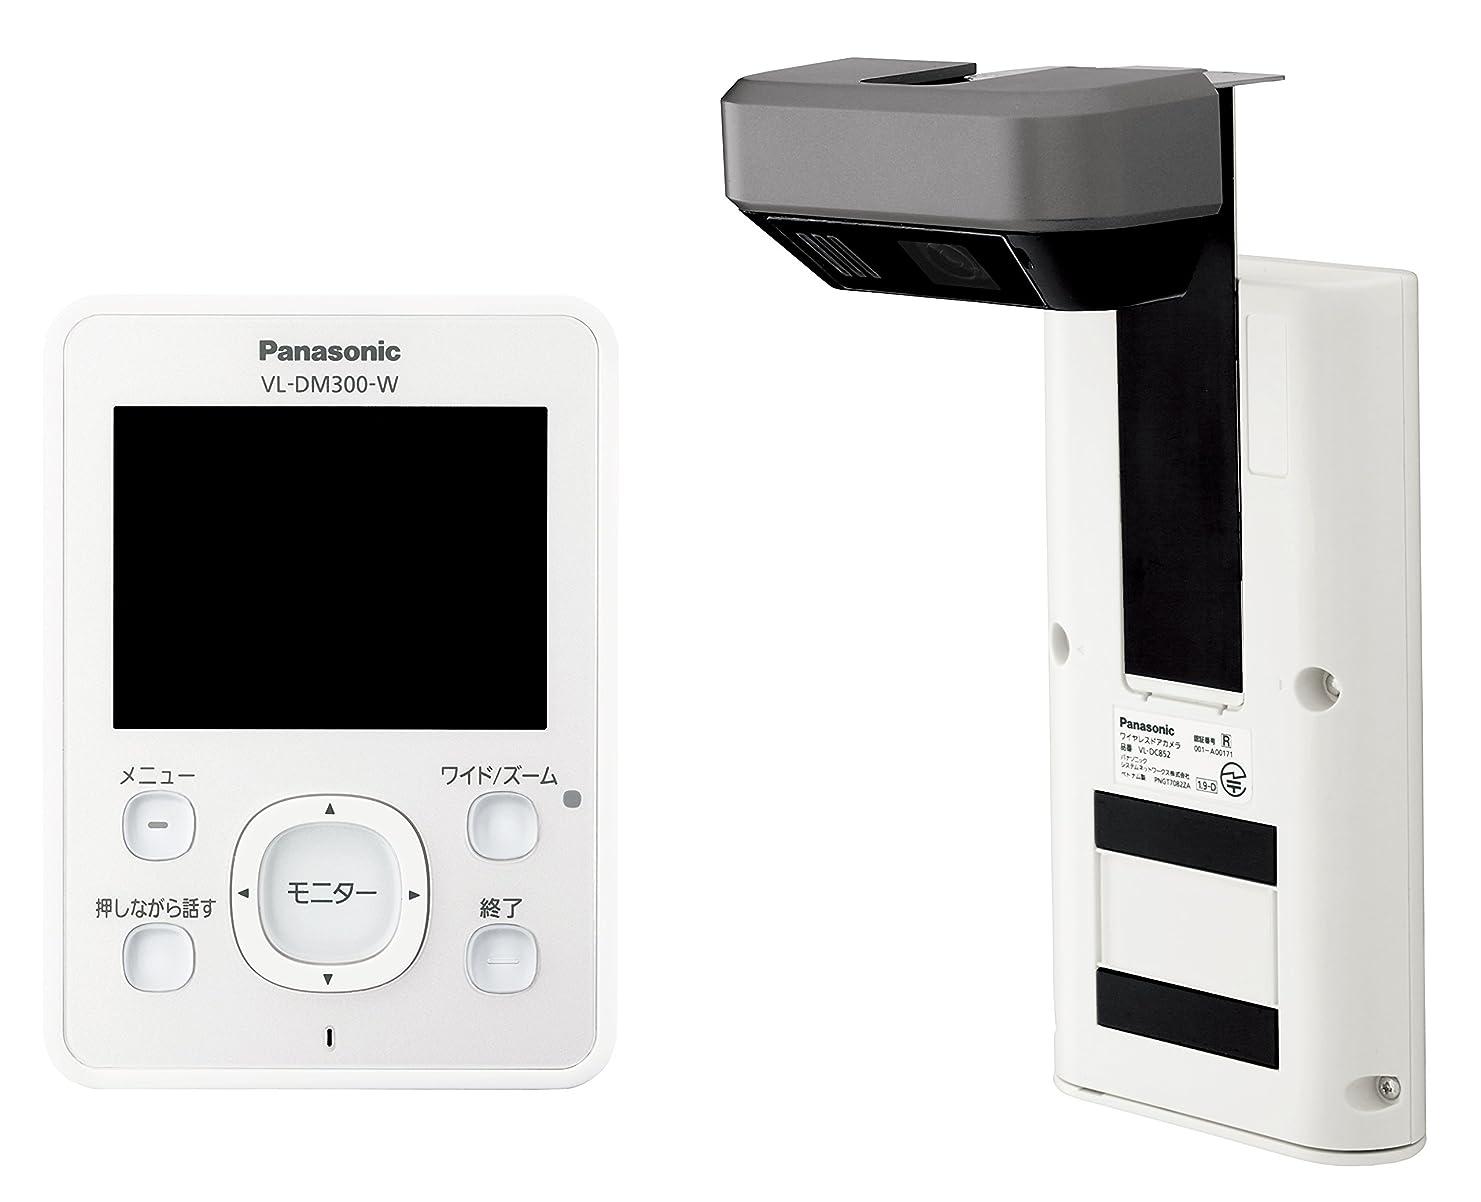 バーアカデミー訴えるPanasonic ワイヤレスドアモニター ドアモニ ホワイト  ワイヤレスドアカメラ+モニター親機 各1台セット VL-SDM300-W